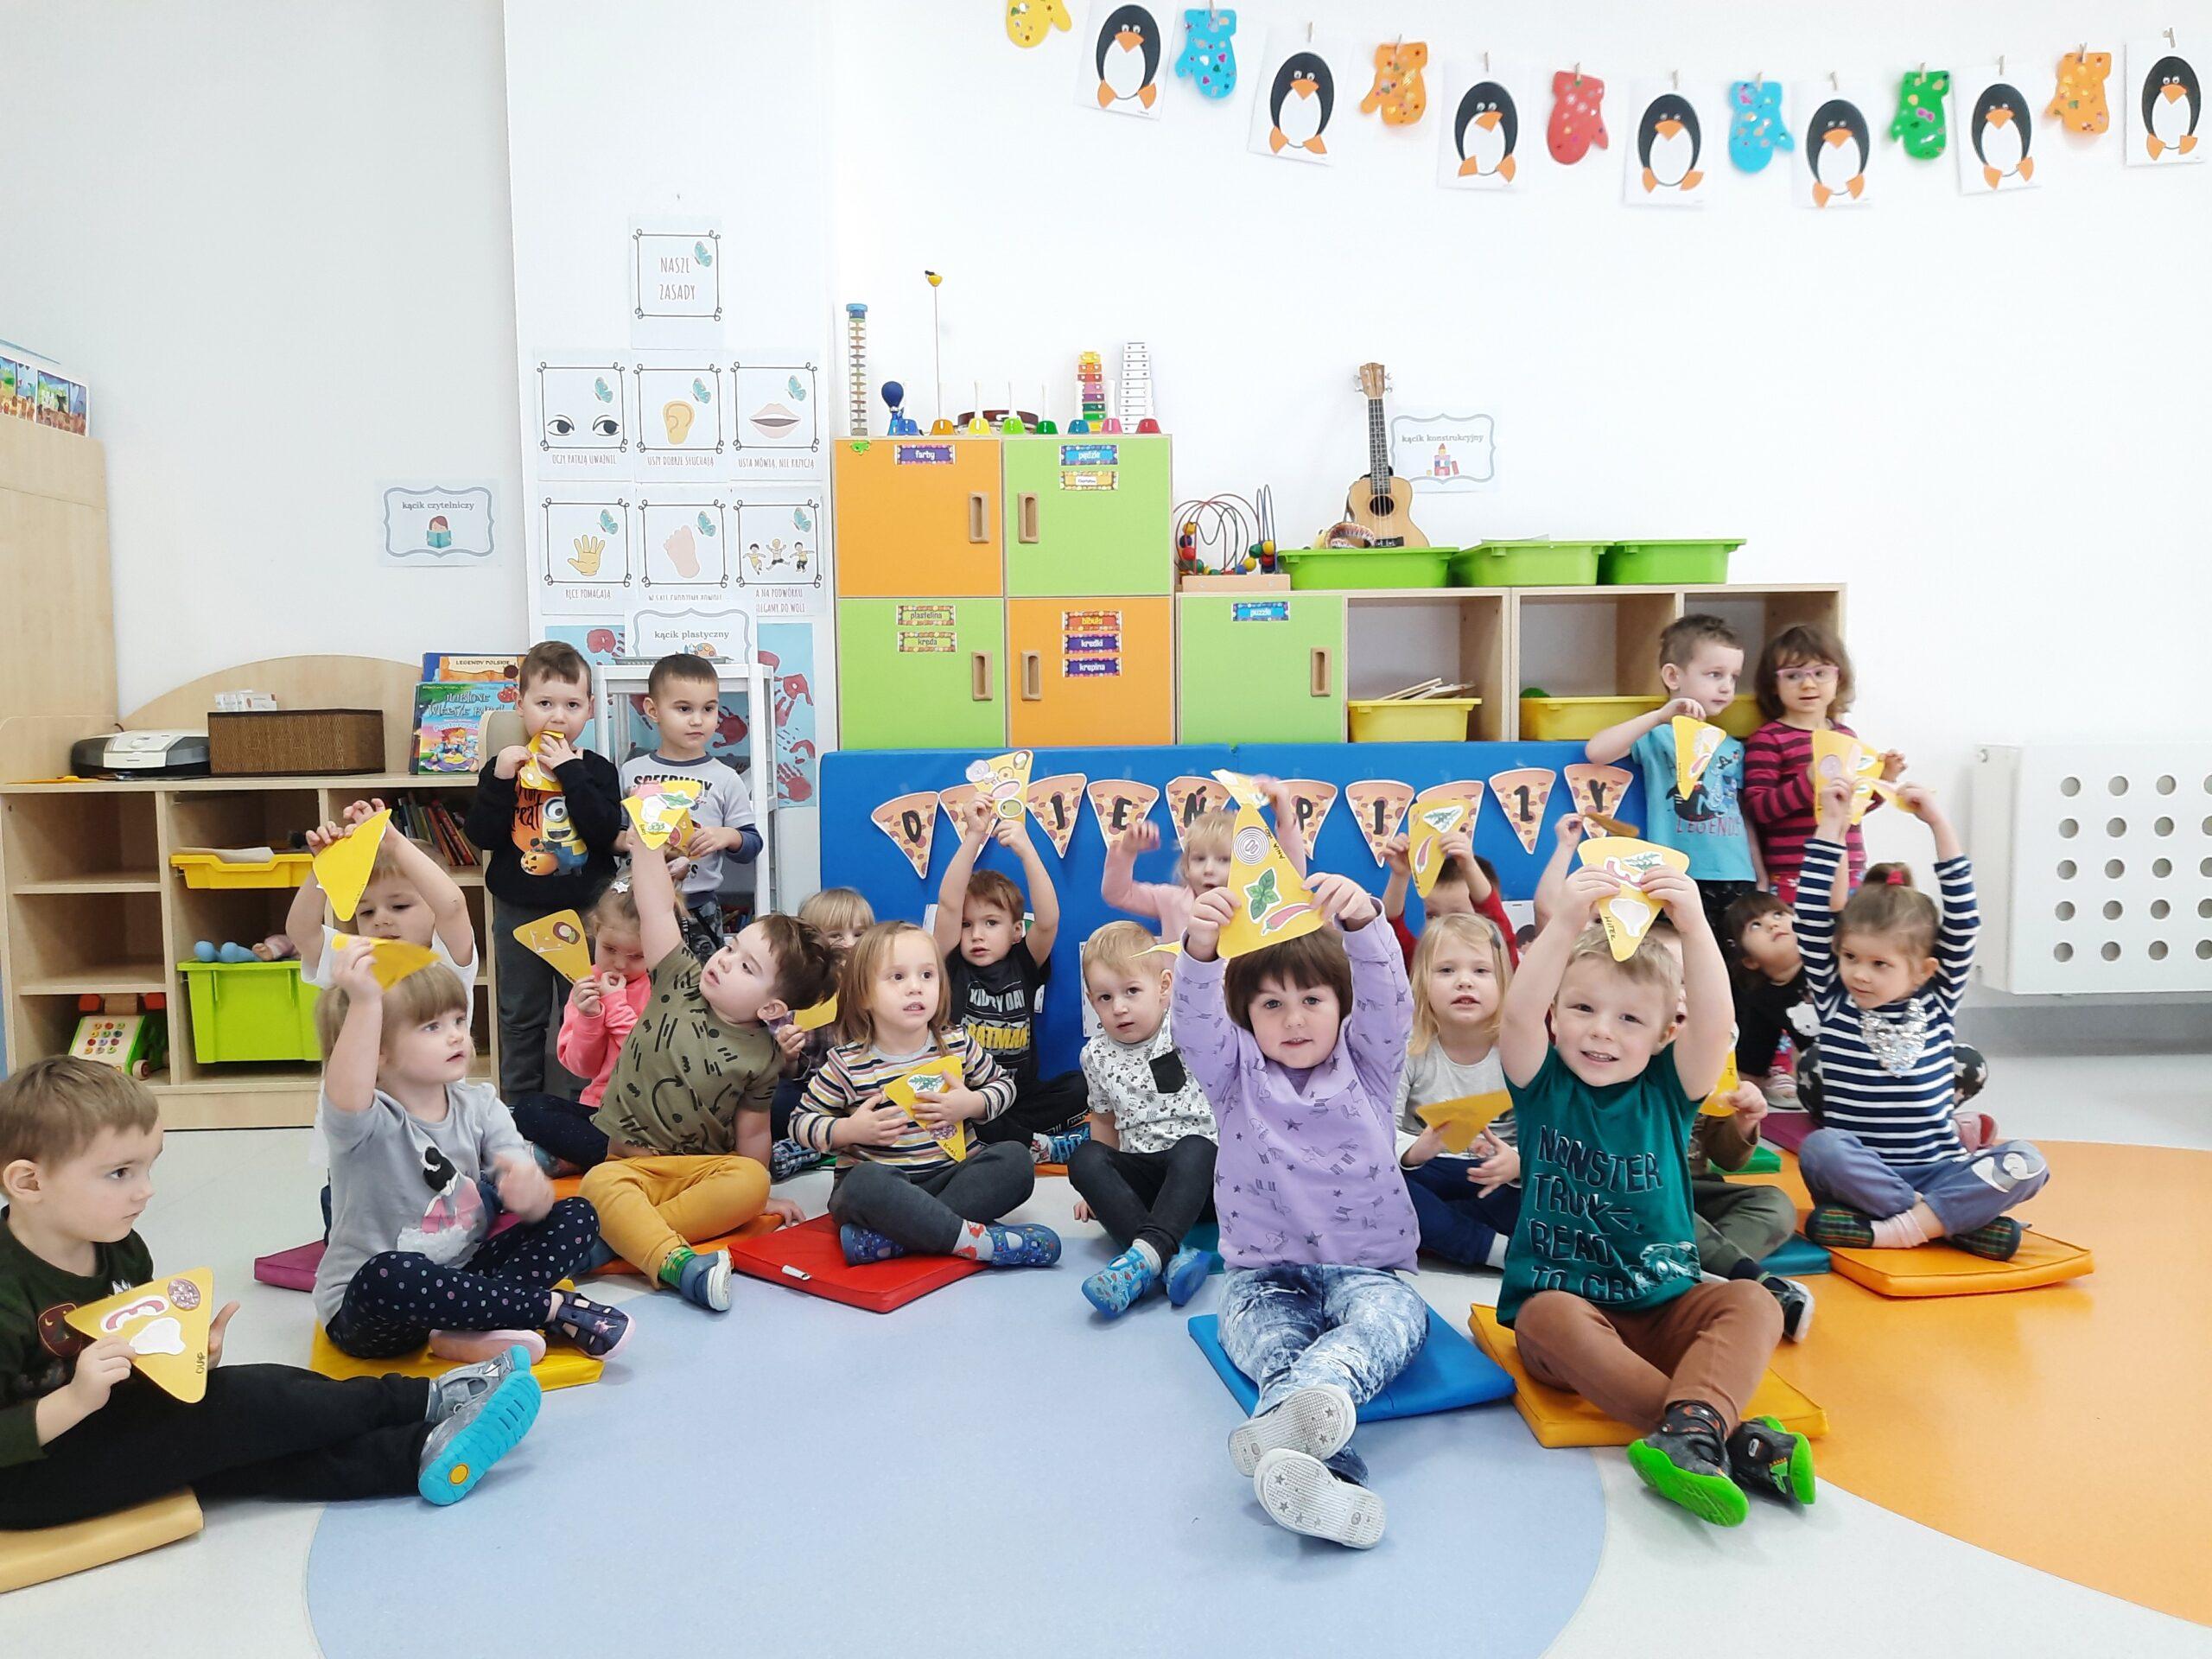 zdjęcie grupowe dzieci podczas dnia pizzy